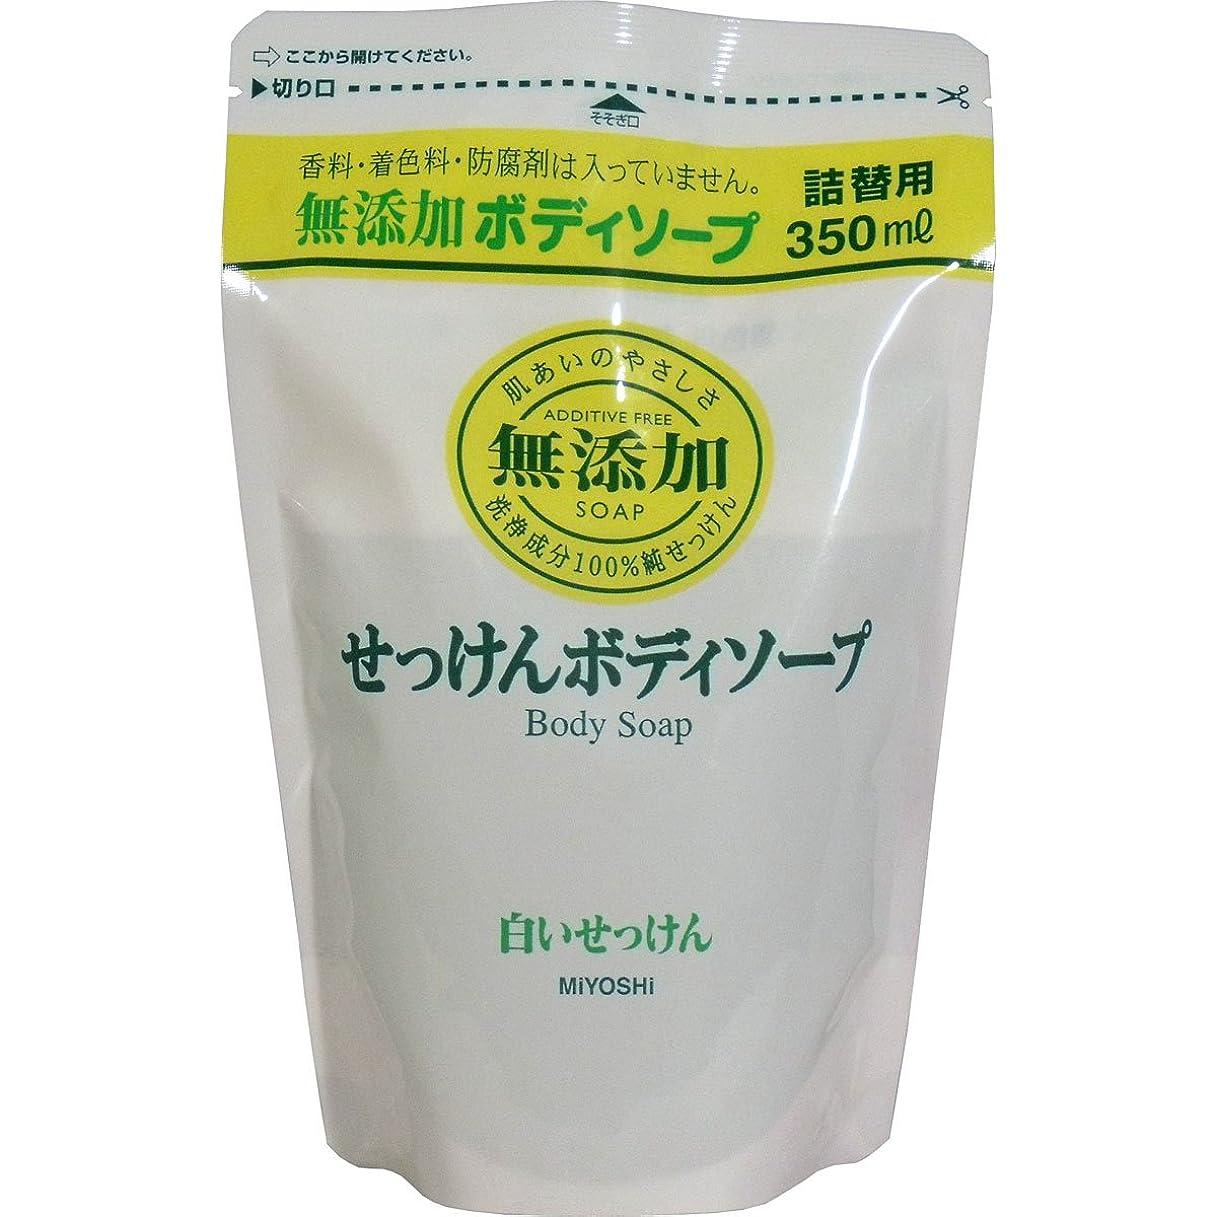 断言するマダムポータブルミヨシ 無添加 ボディソープ 白い石けん つめかえ用 350ml(無添加石鹸) x 10個セット